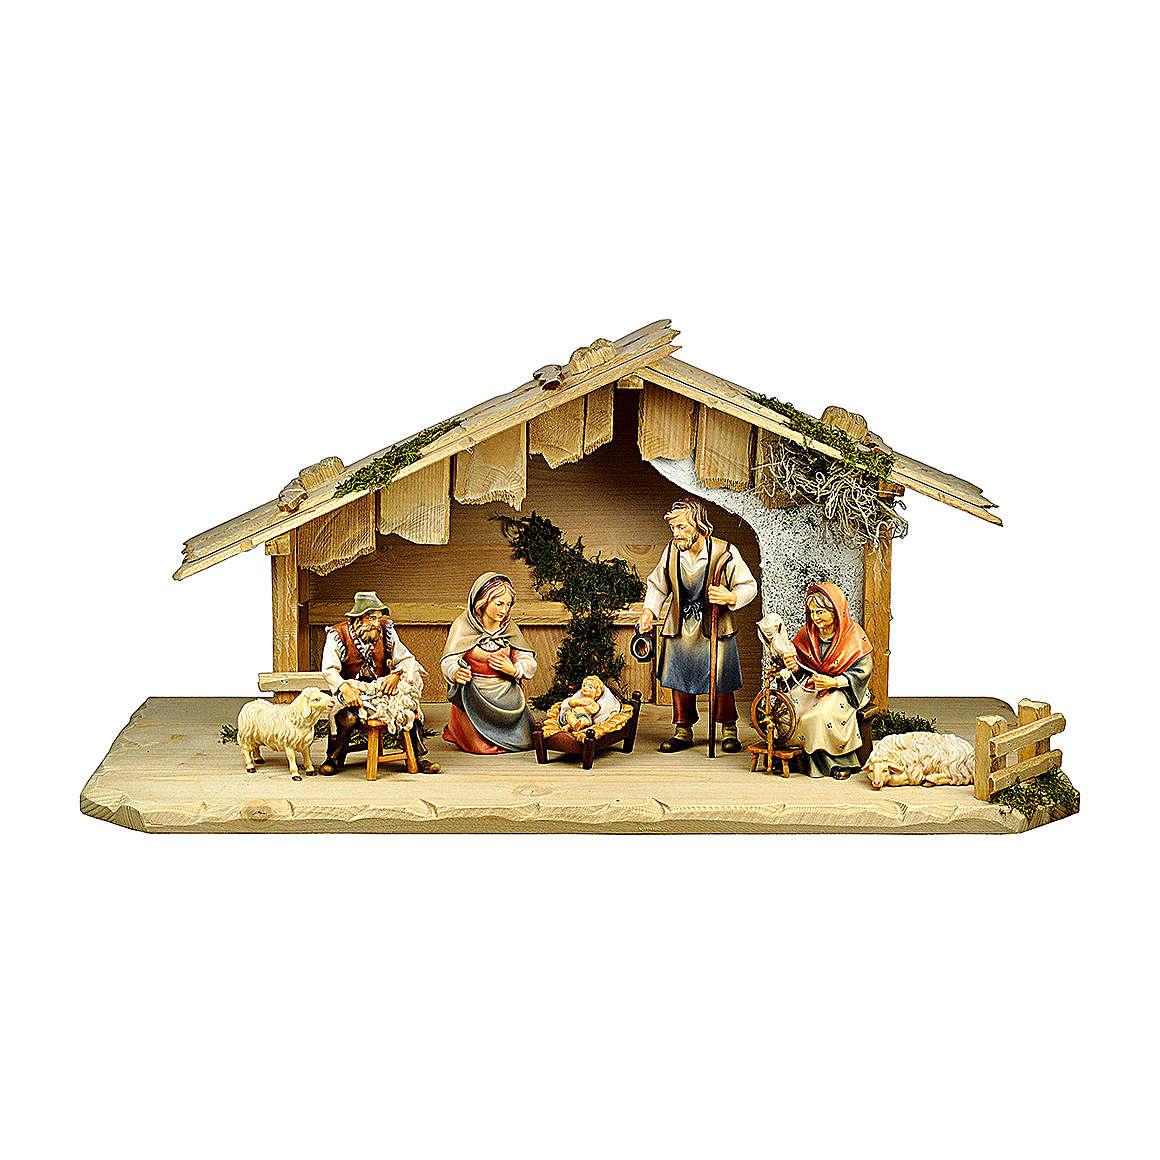 Nativité avec bergers dans maisonnette pour crèche Original Berger bois  peint Val Gardena 12 cm 7 pcs 4